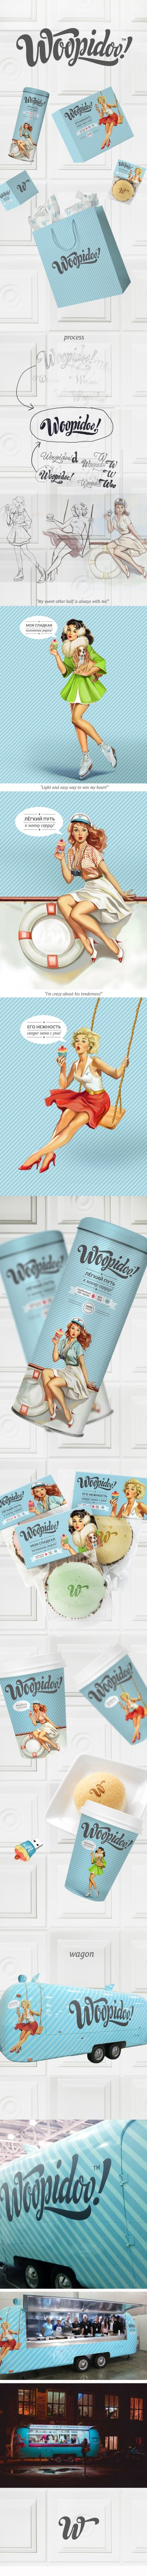 Woopidoo by Valeria Polubiatko